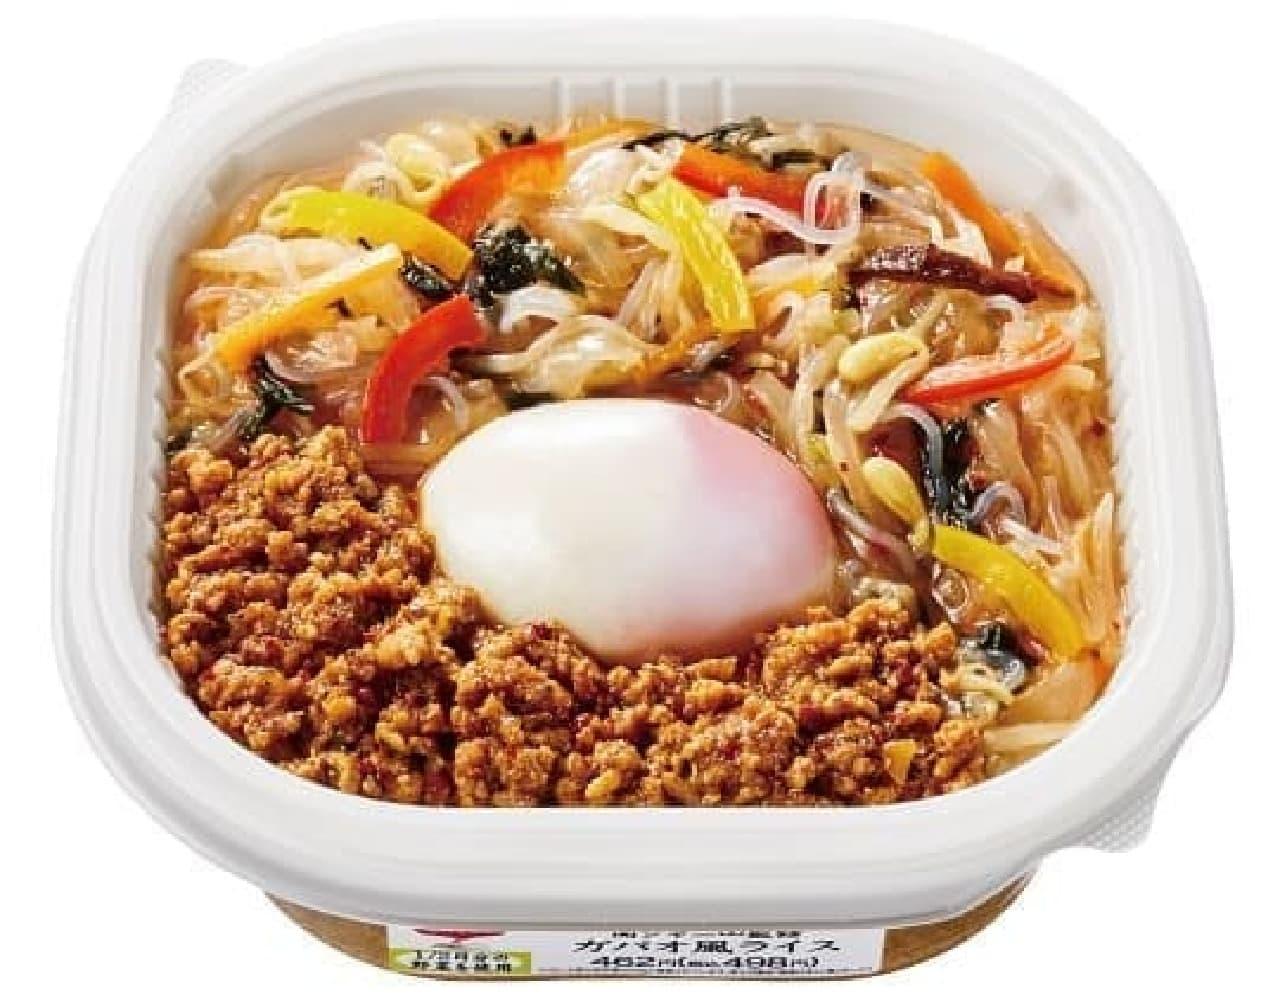 セブン-イレブン「関ジャニ∞監修 1/2日分の野菜!ガパオ風ライス」